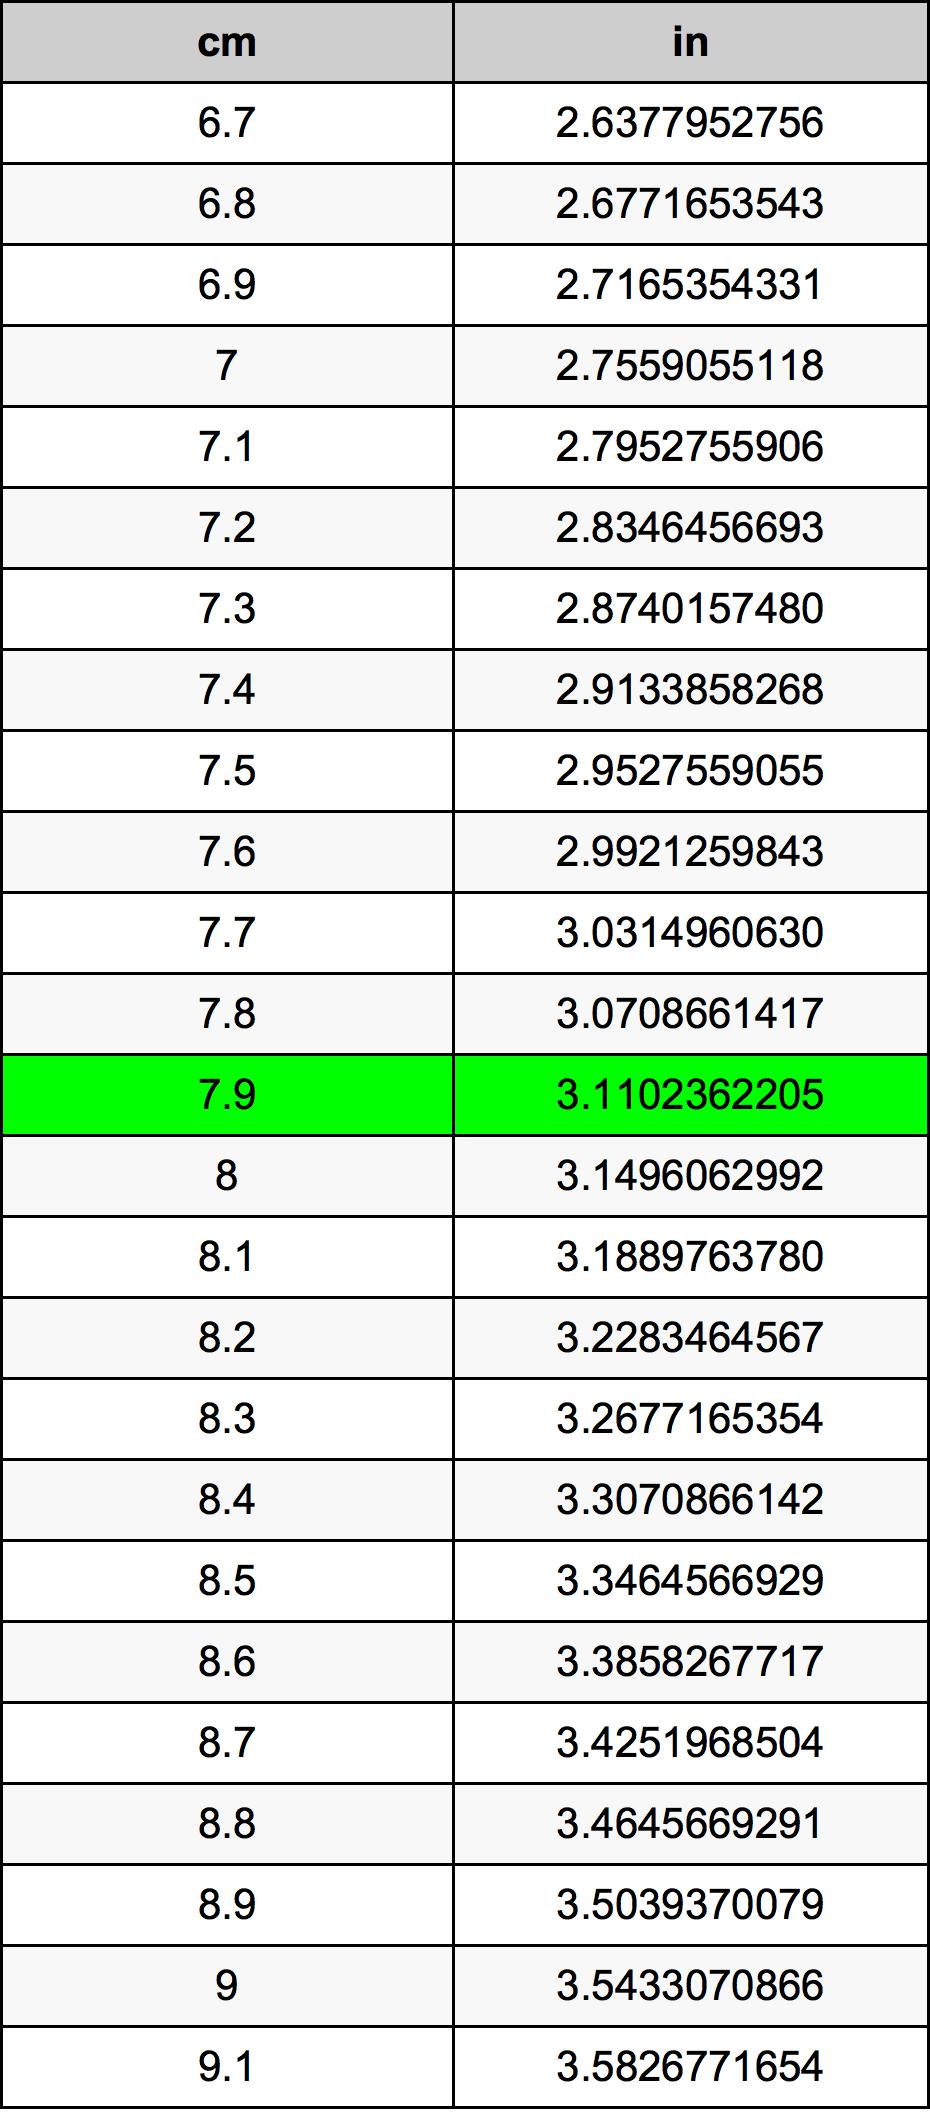 7.9 Centimeter omregningstabel